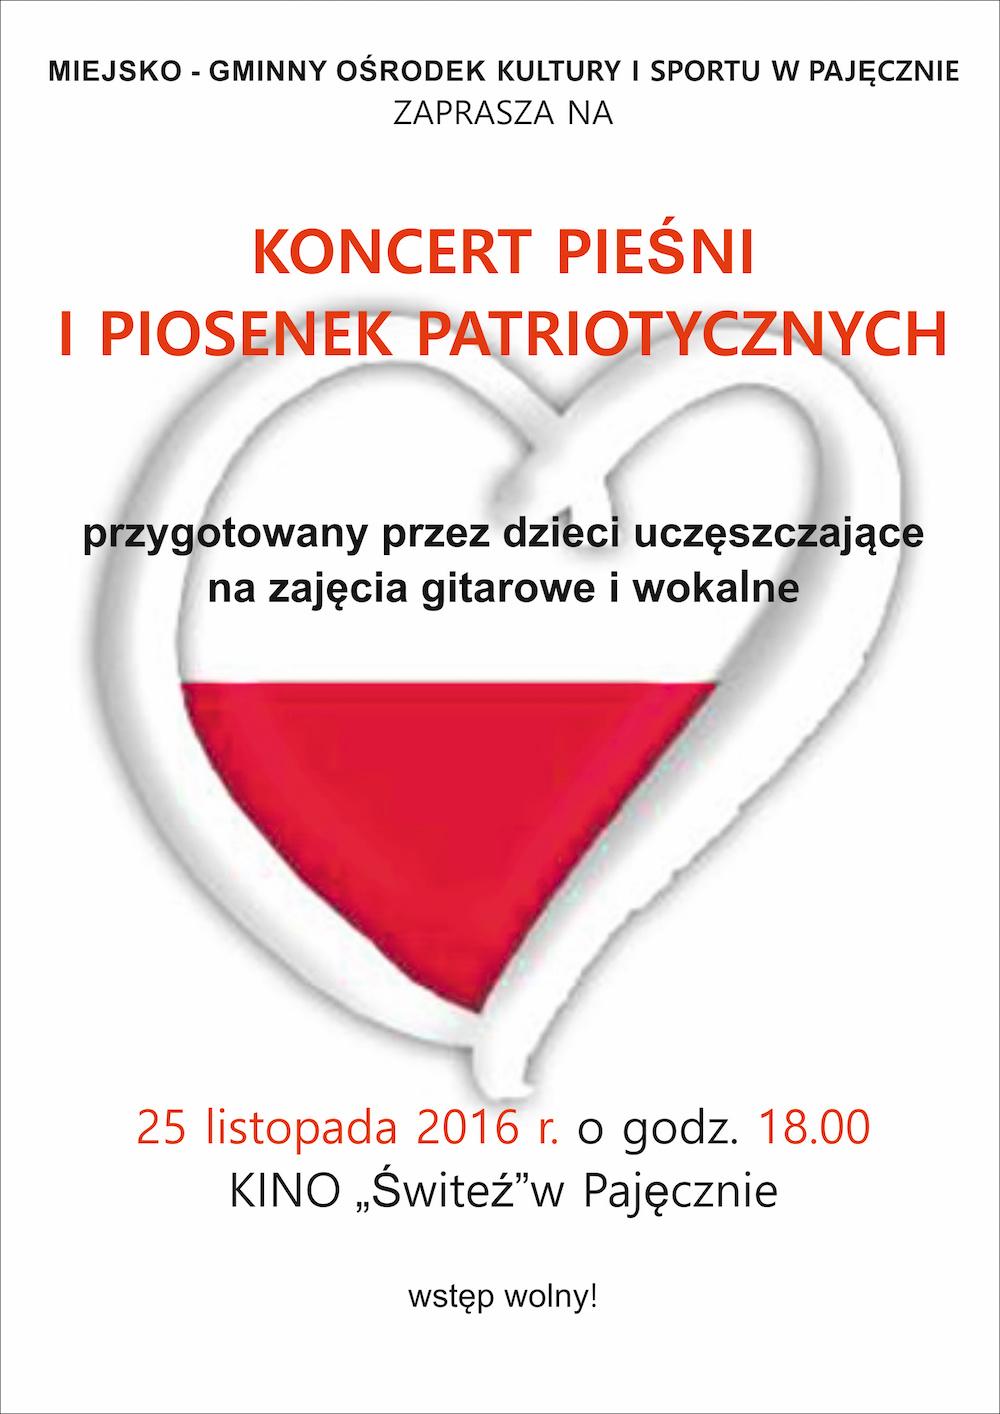 koncert-piesni-patriotycznych